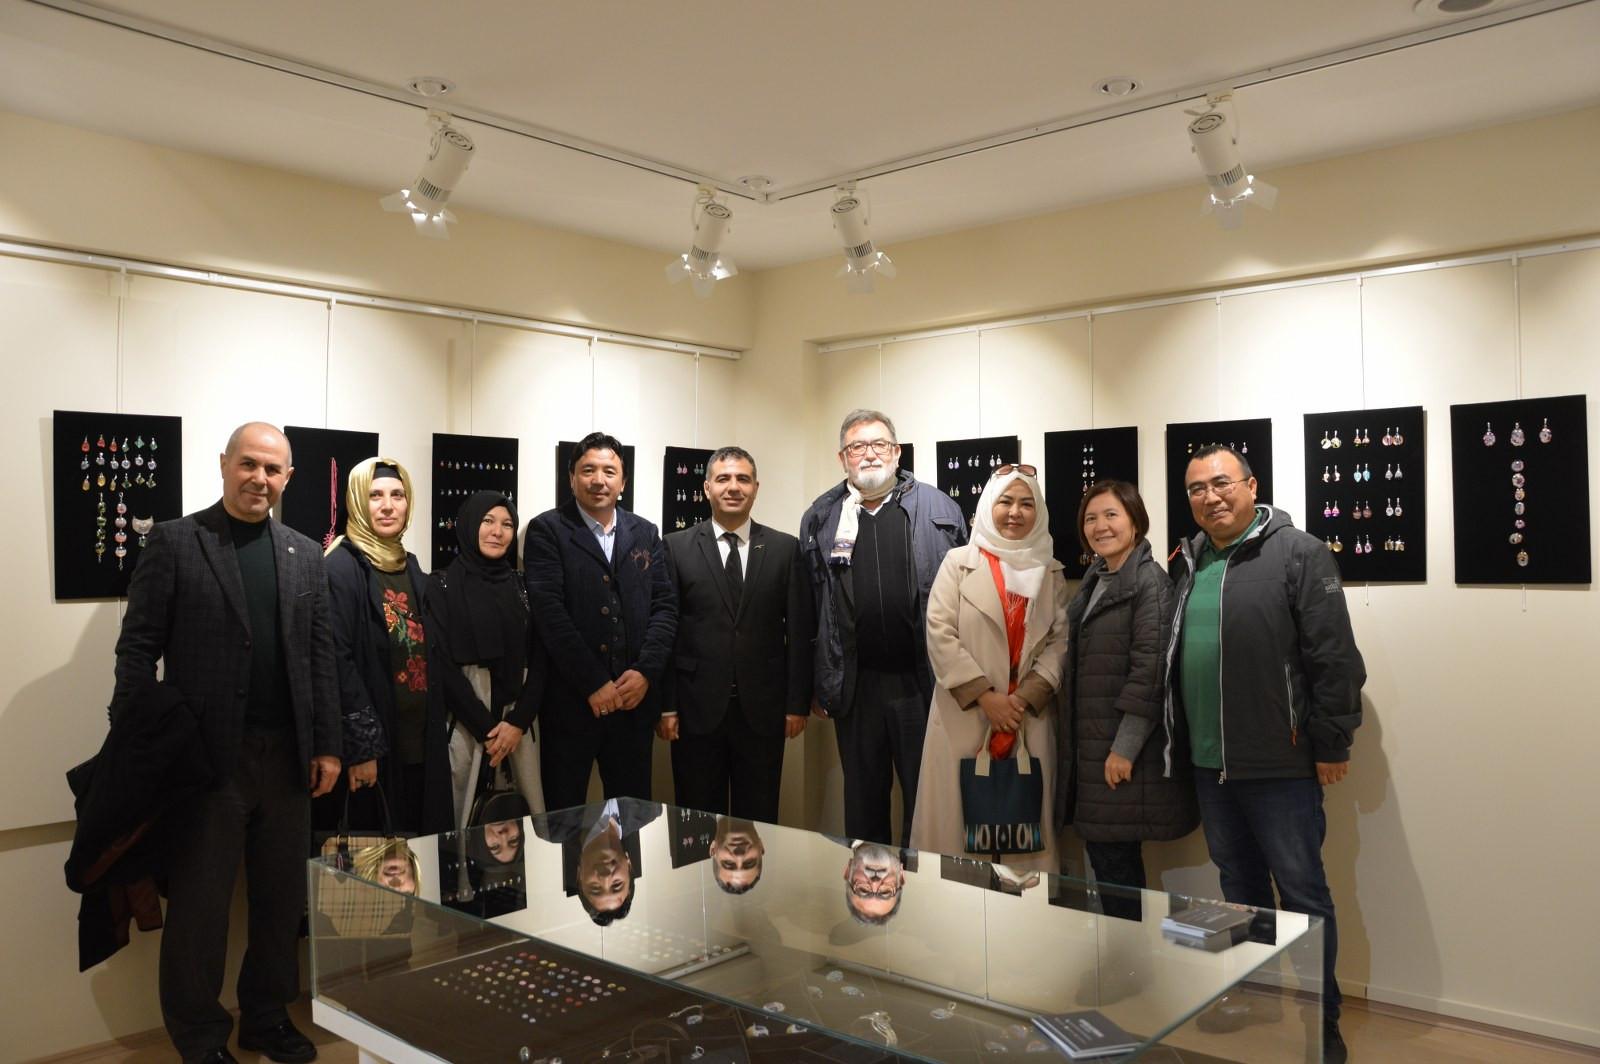 """İstanbul Büyükşehir Belediyesi'nin destekleriyle Kazıbekova'nın """"Cama İşlenen Sanat"""" sergisi Türk Dünyası Kültür Mahallesi'nde açıldı Galeri - 9. Resim"""